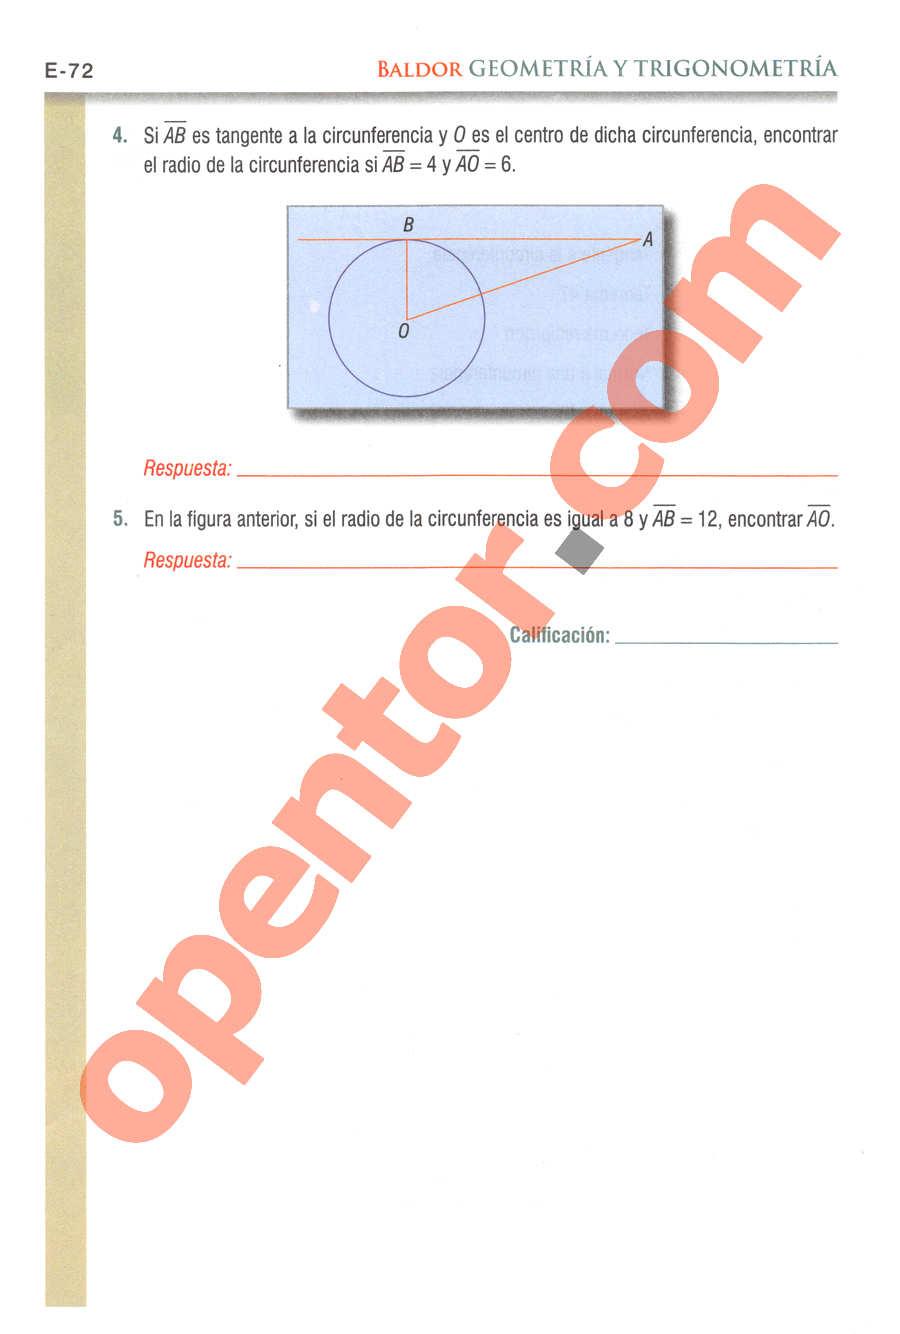 Geometría y Trigonometría de Baldor - Página E72